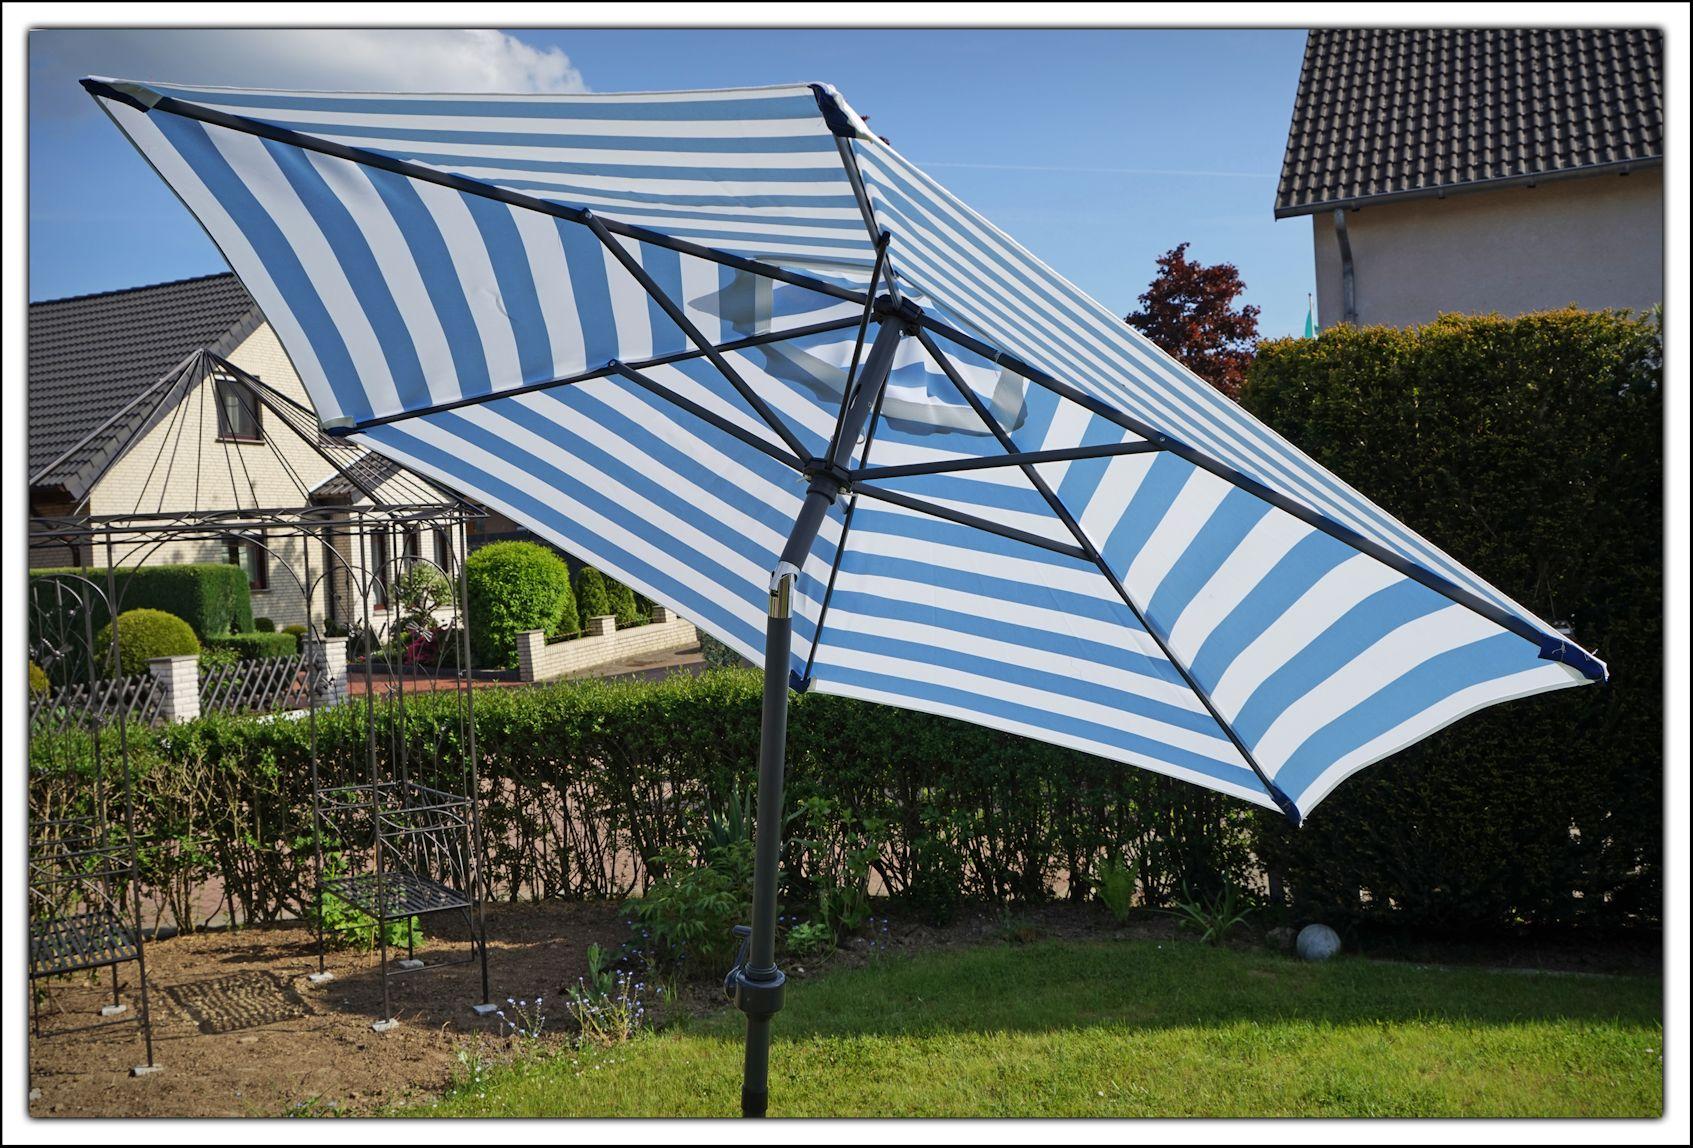 sonnenschirm 200cm knickgelenk kurbel 6 farben schirm kurbelschirm knick ebay. Black Bedroom Furniture Sets. Home Design Ideas